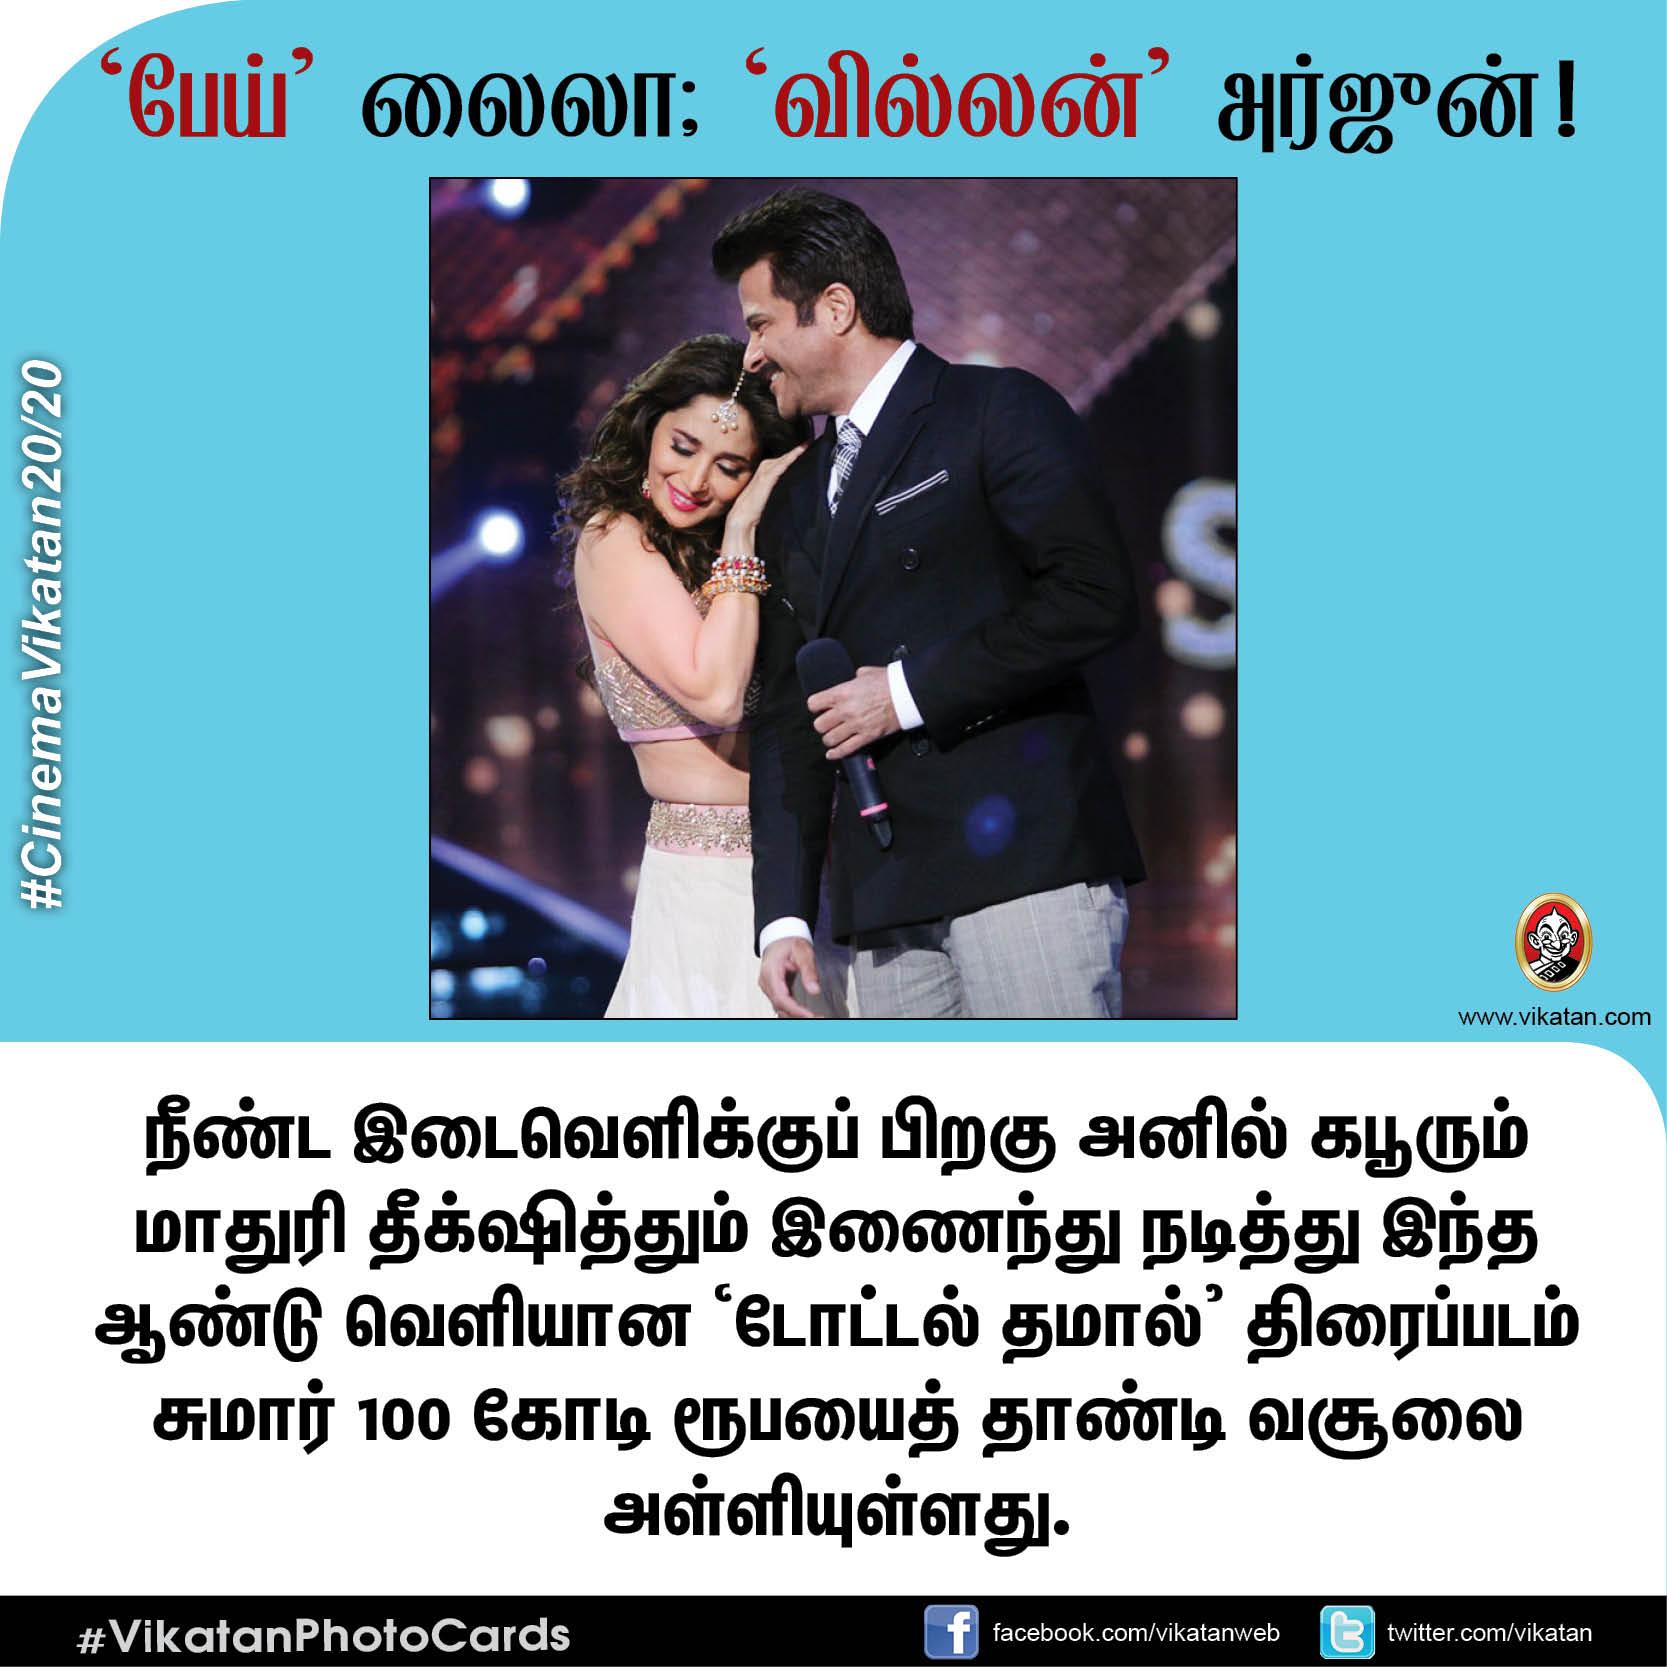 பேய் லைலா; வில்லன் அர்ஜுன்! #CinemaVikatan20/20